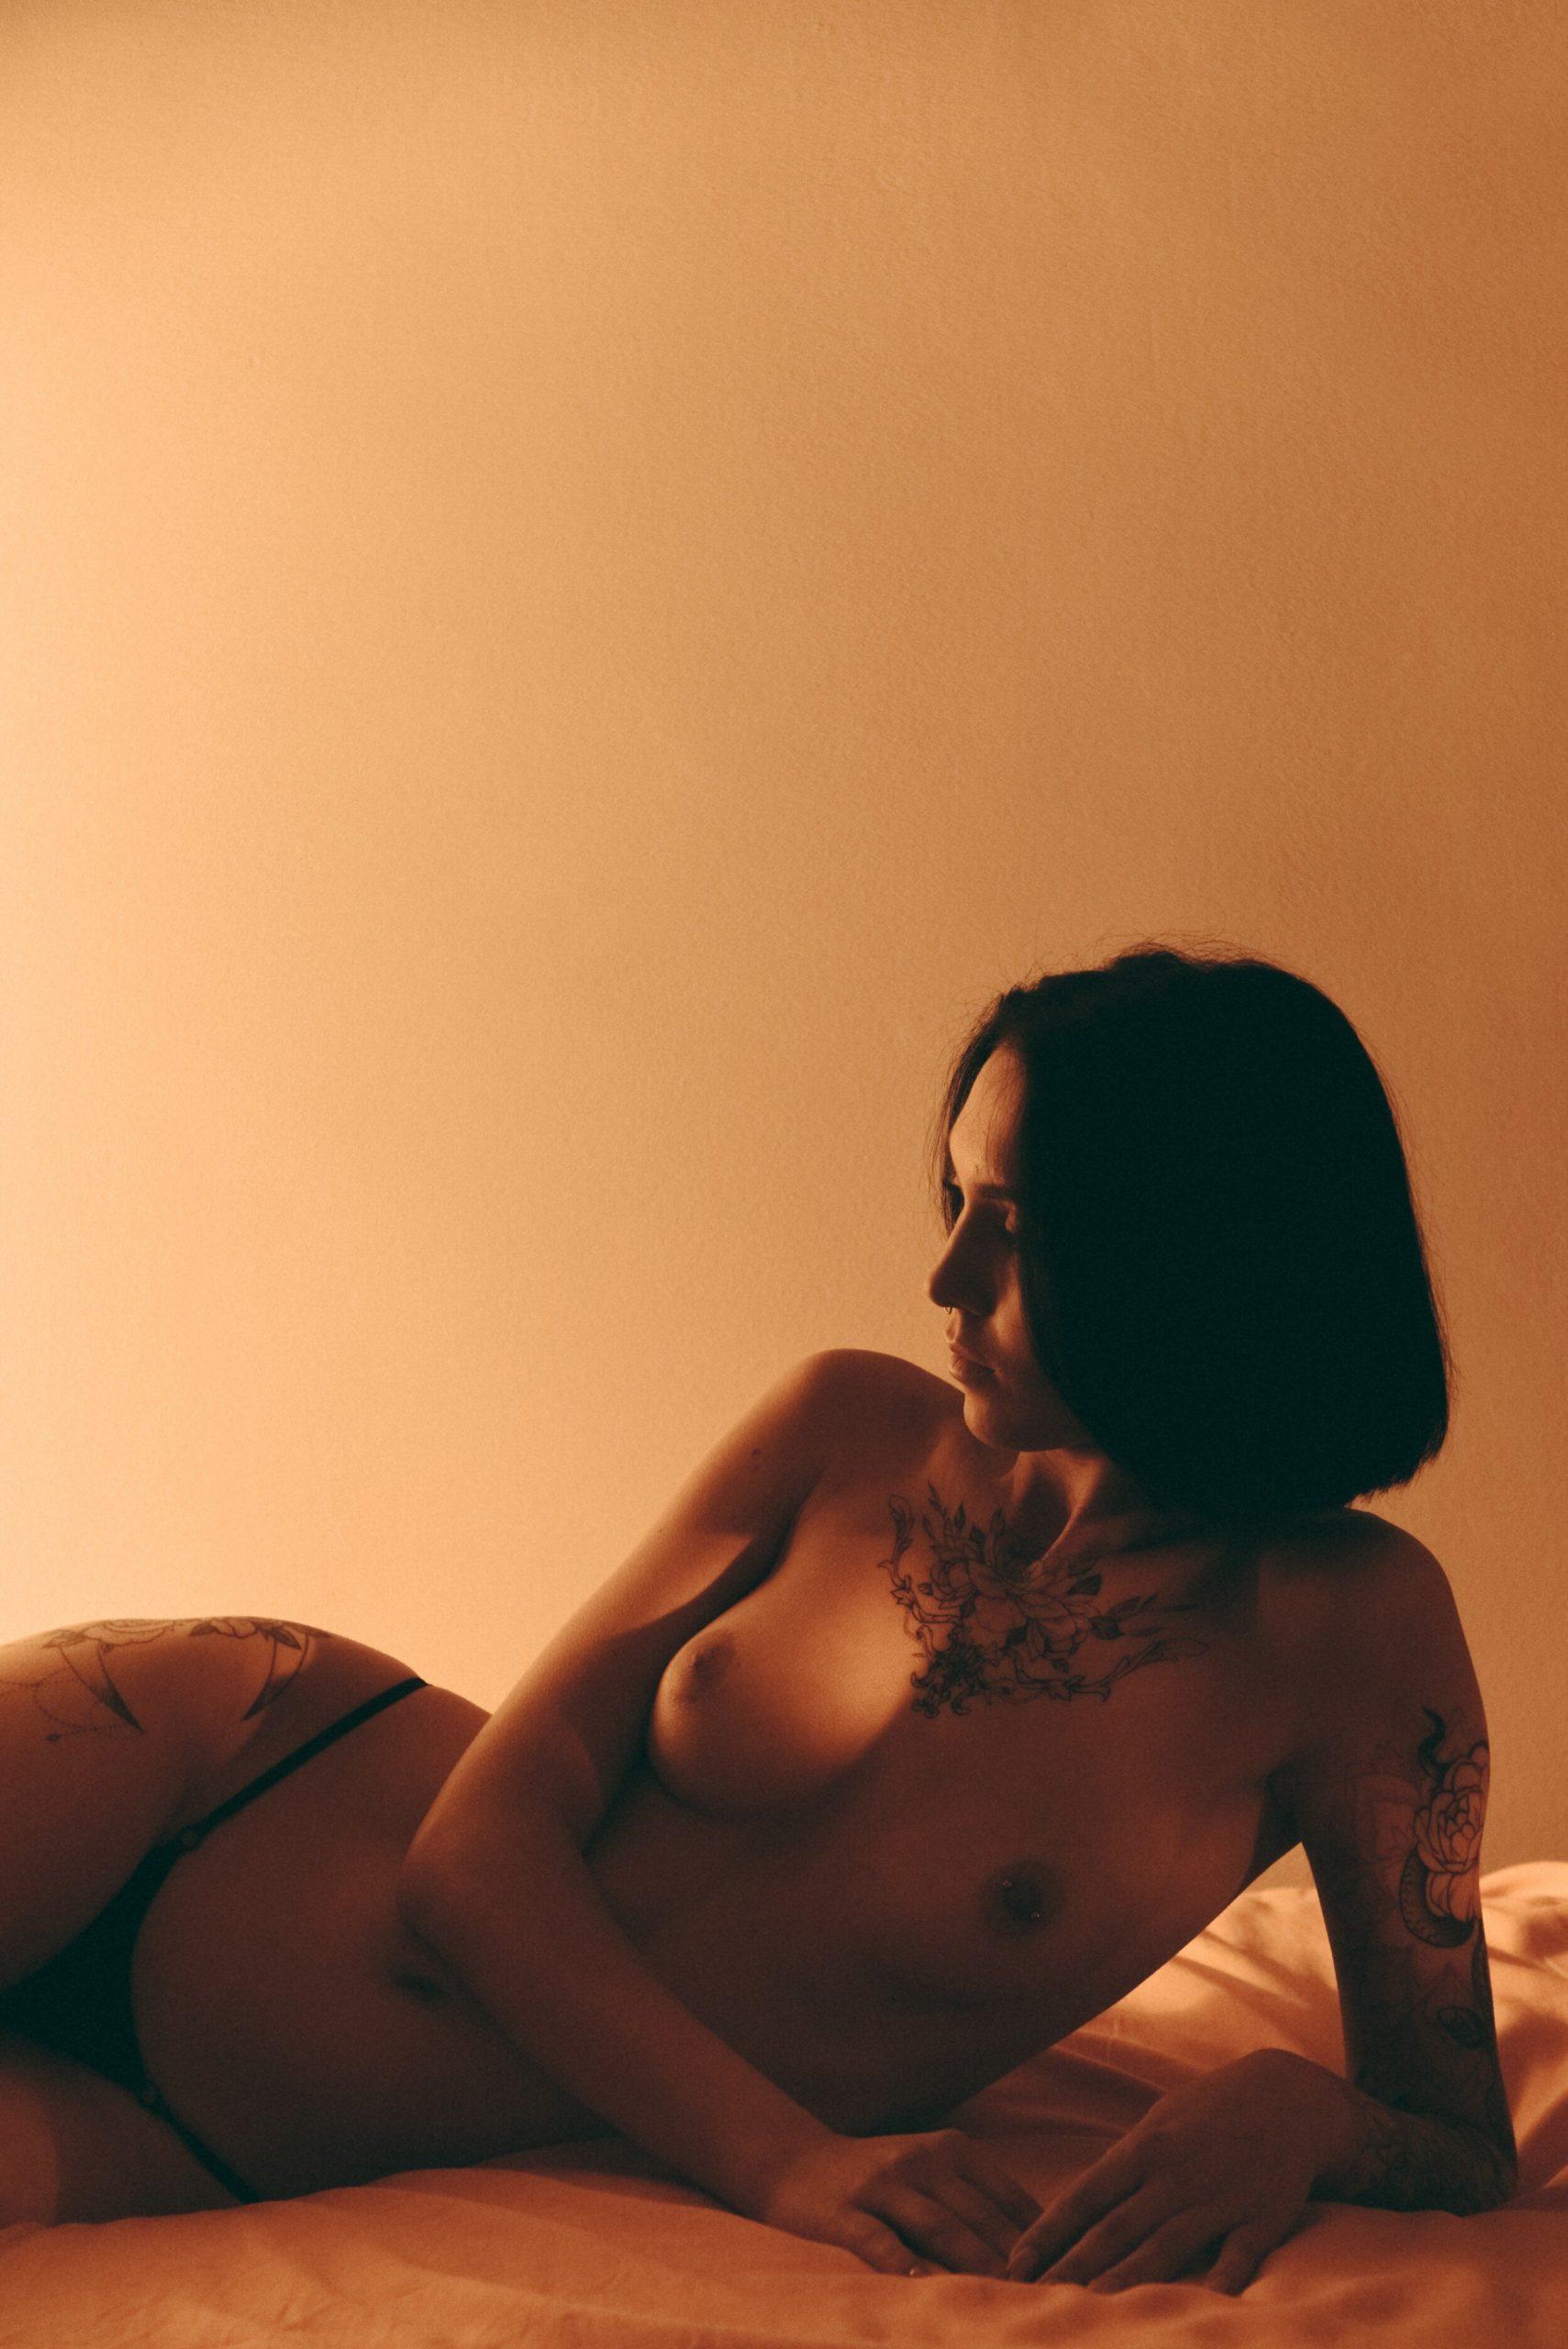 Nata - Nazar Elcansky photoshoot